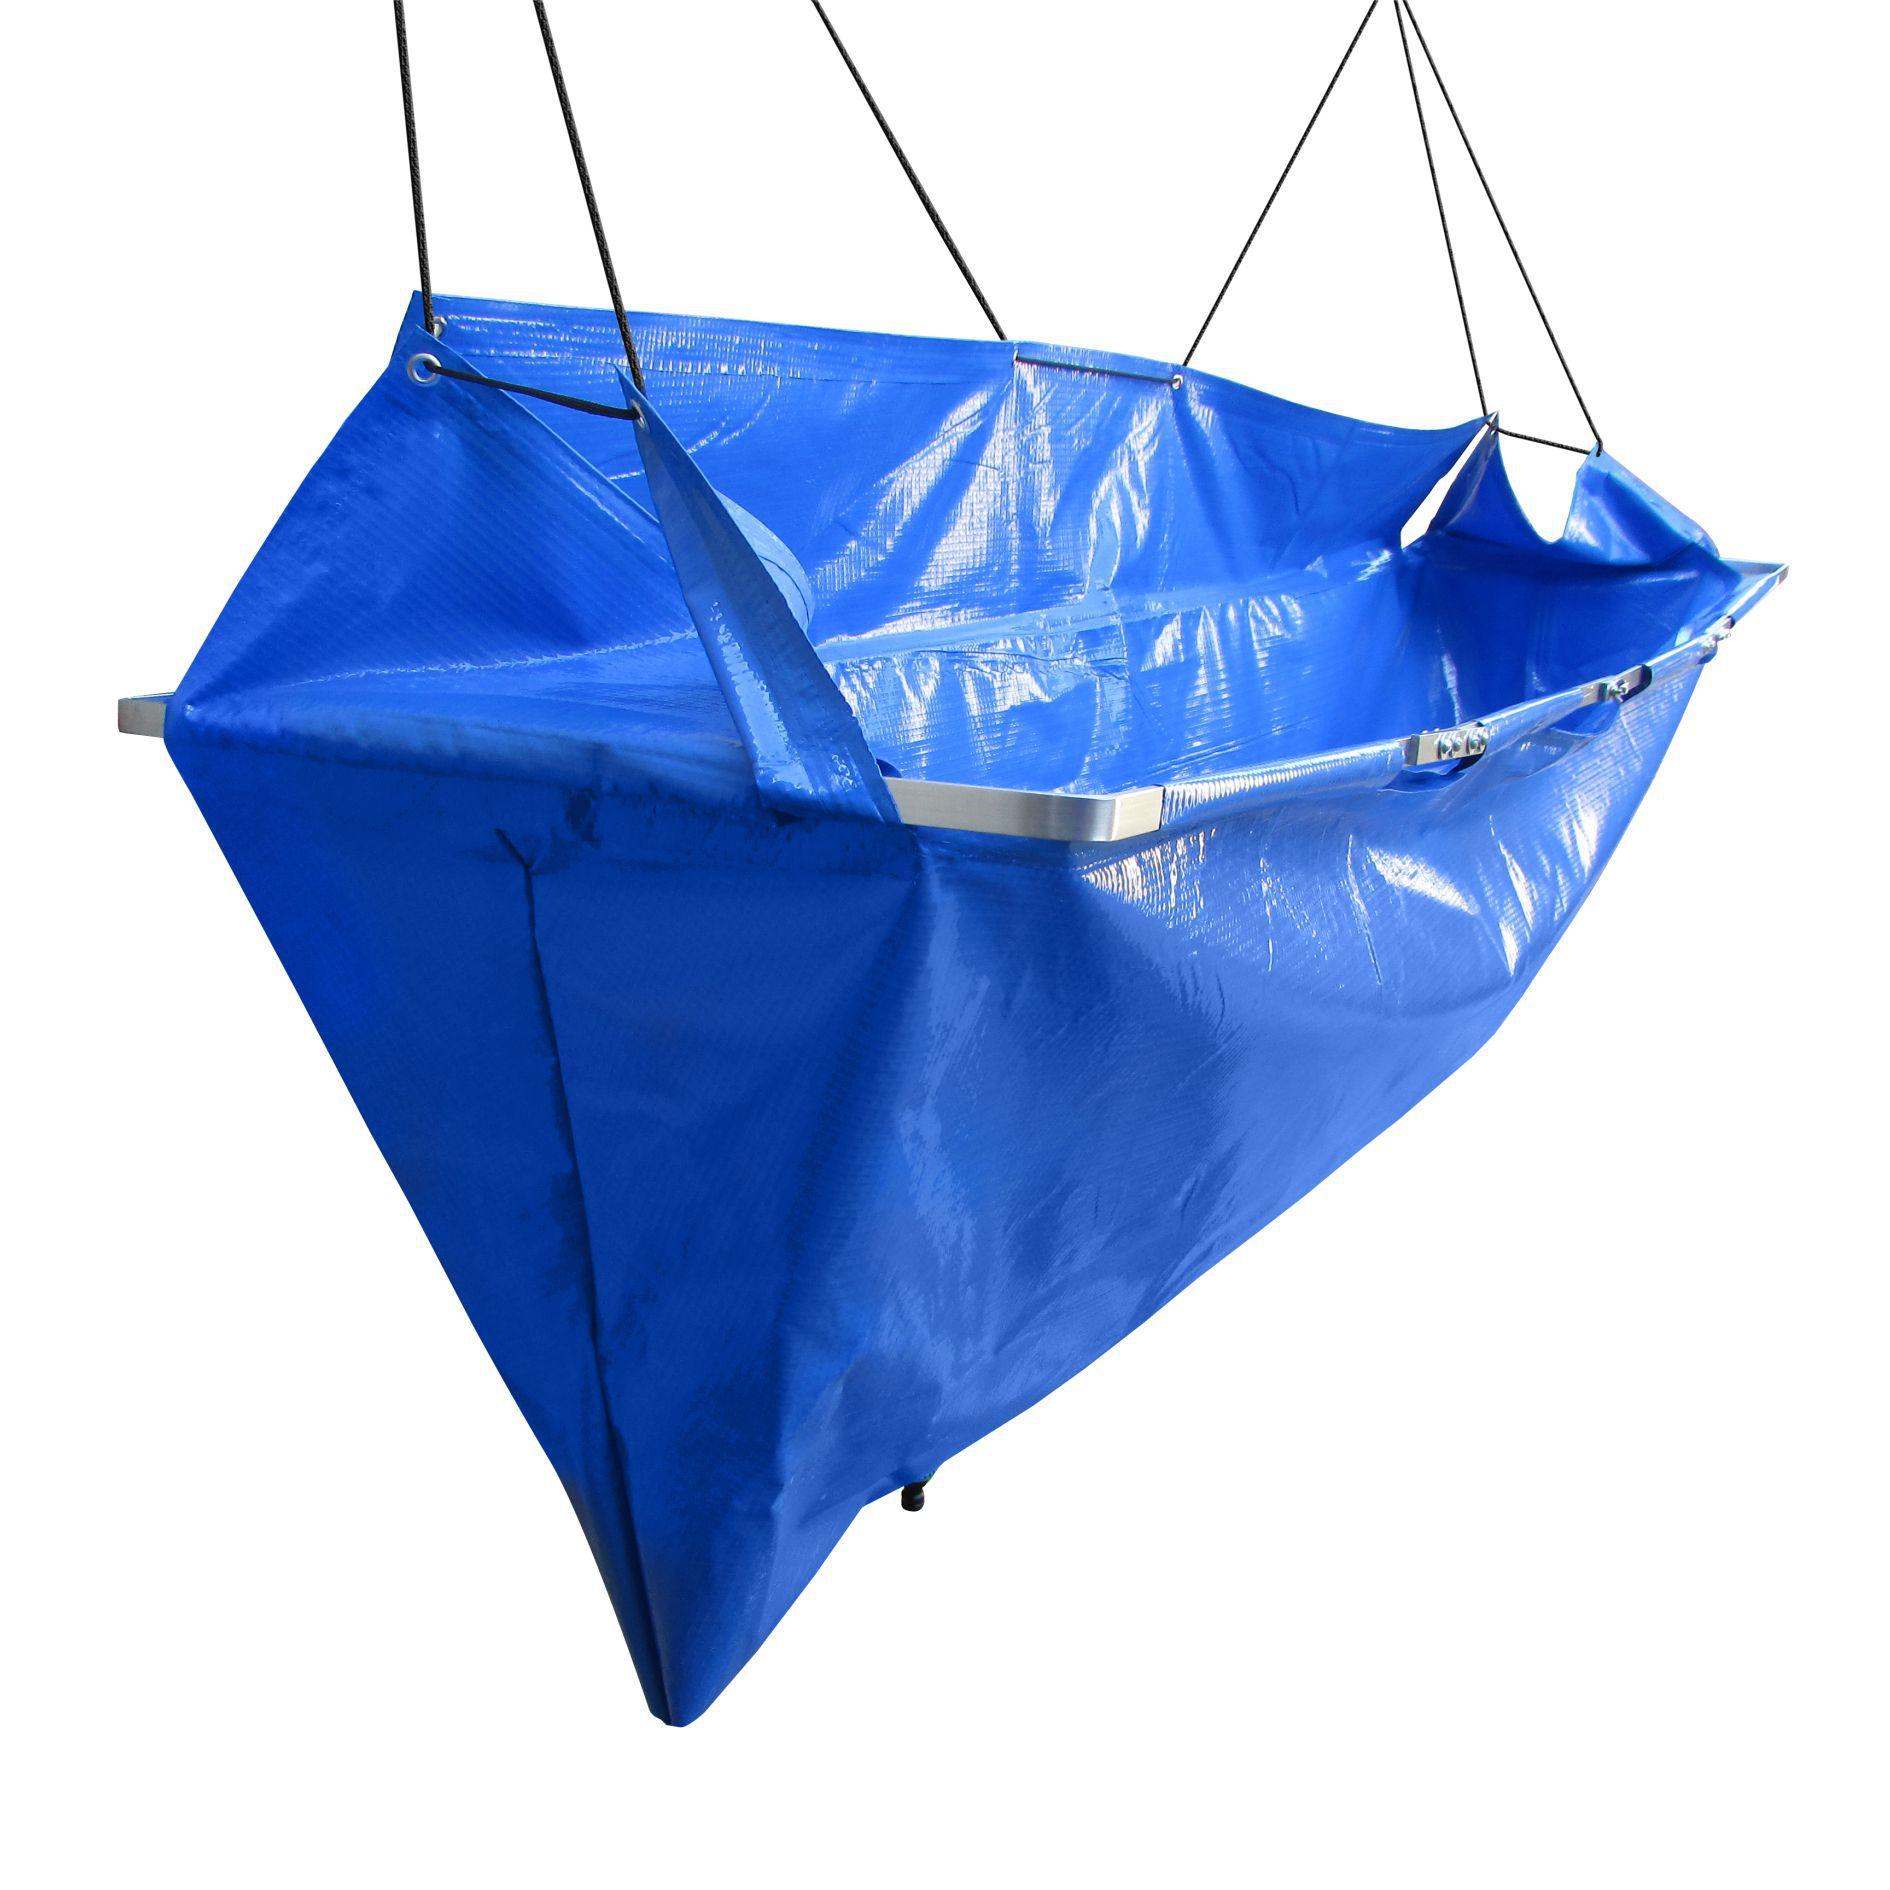 Coletor de Residuos de Limpeza para Ar Condicionado Split Piso Teto até 60000 Btus com Dreno